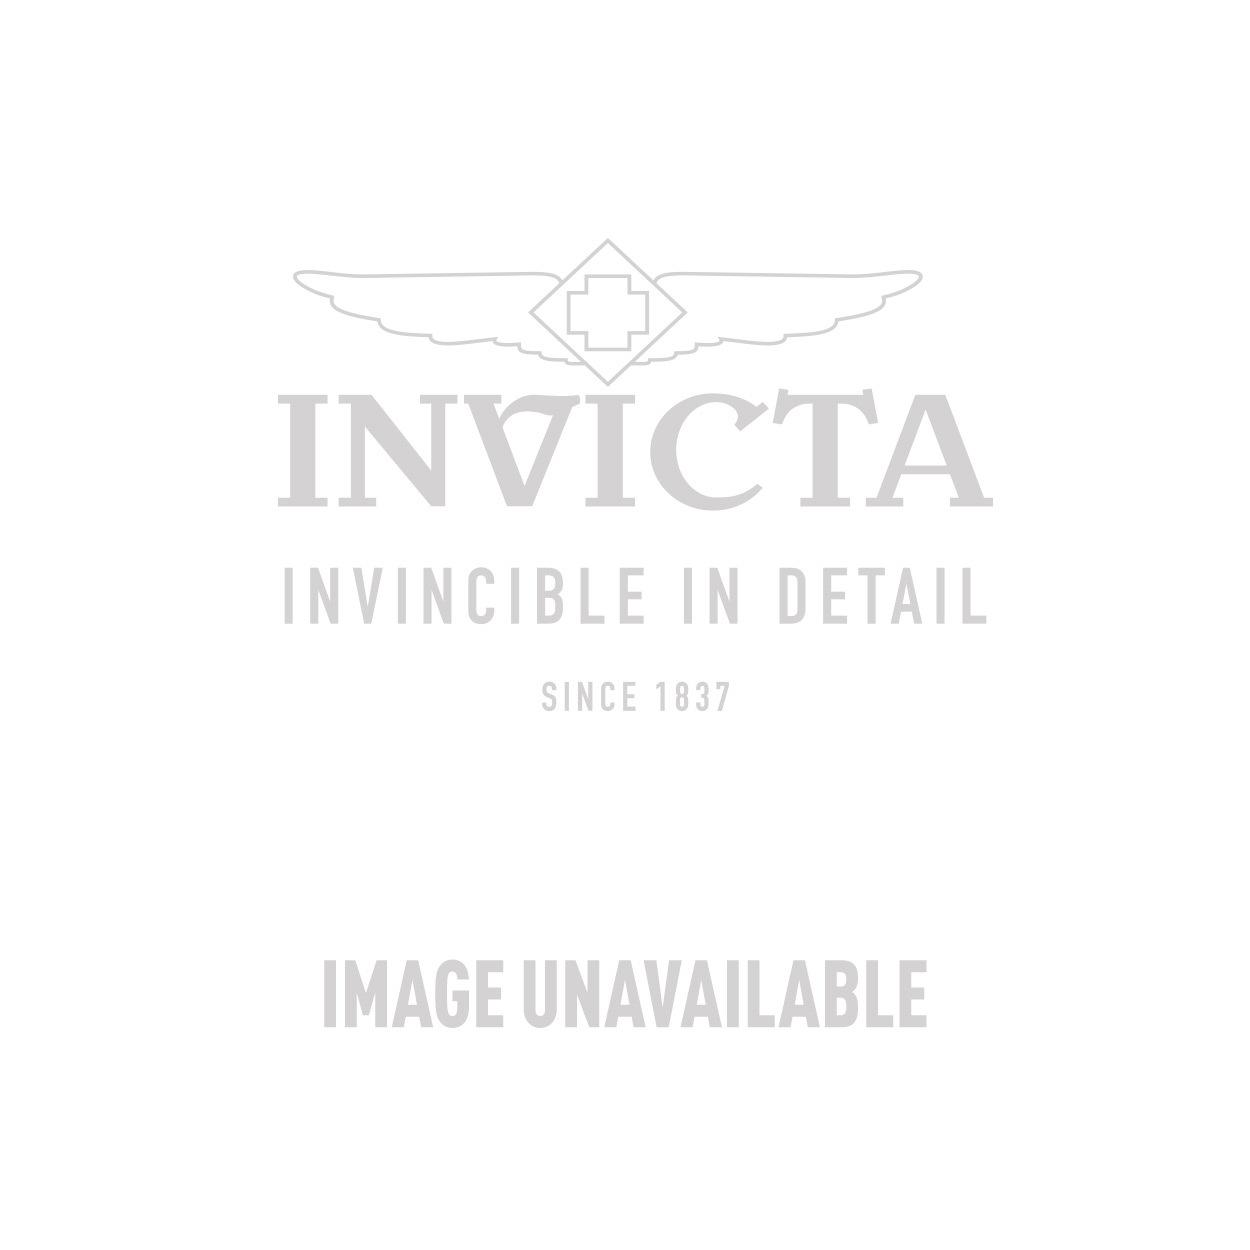 Invicta Model 22545